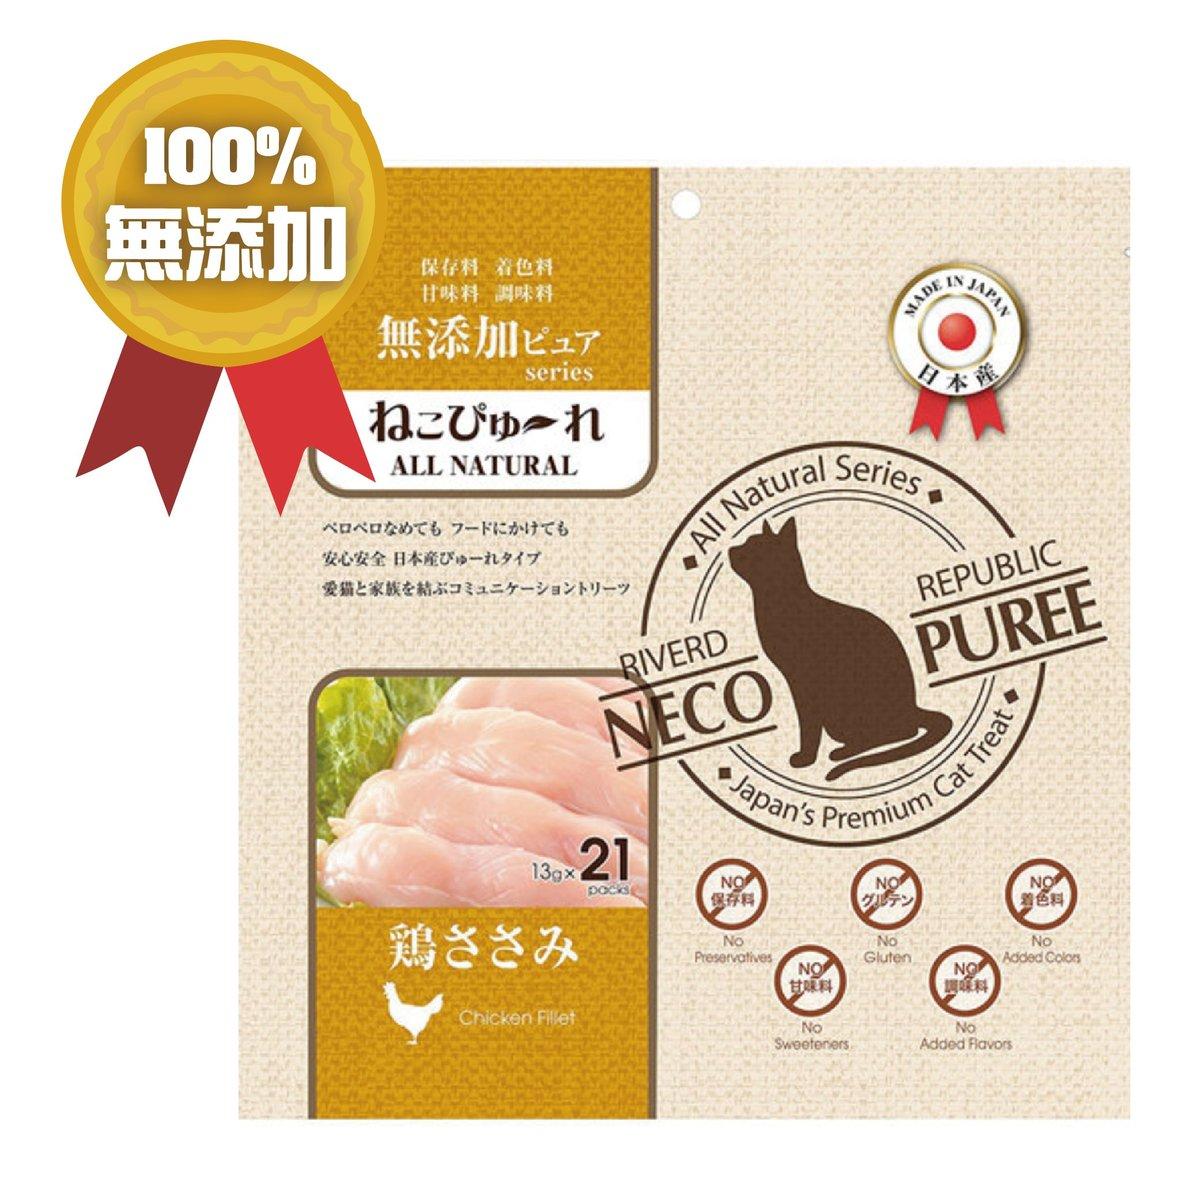 無添加系列 雞肉肉泥棒(貓用)-21枝裝 (RRNP-4172)